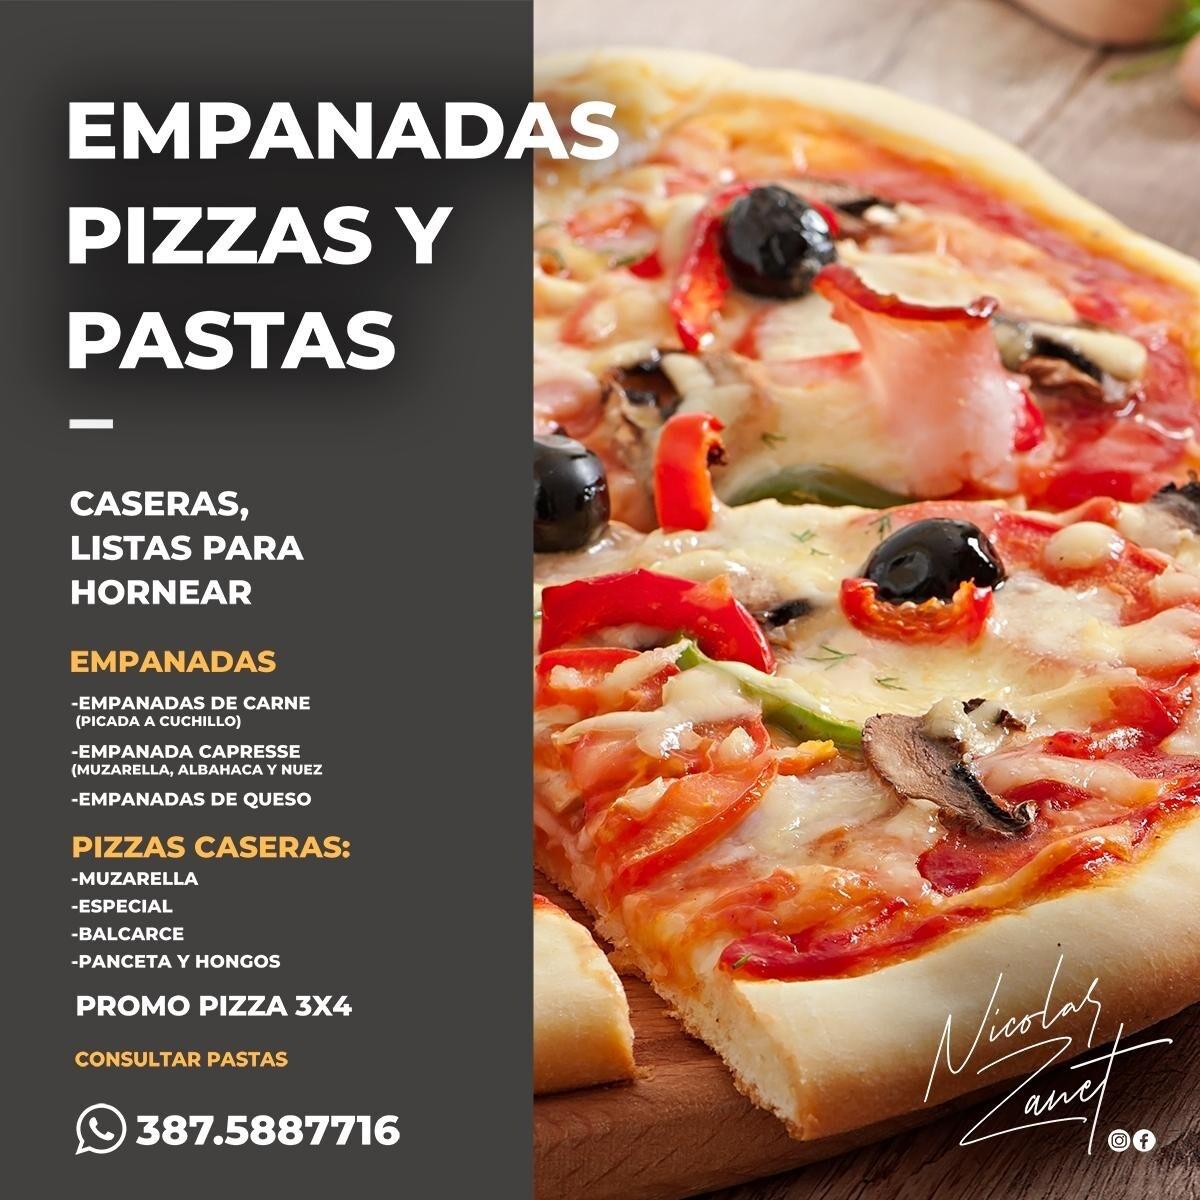 Nicolás Zanet Empanadas Pizzas y Pastas